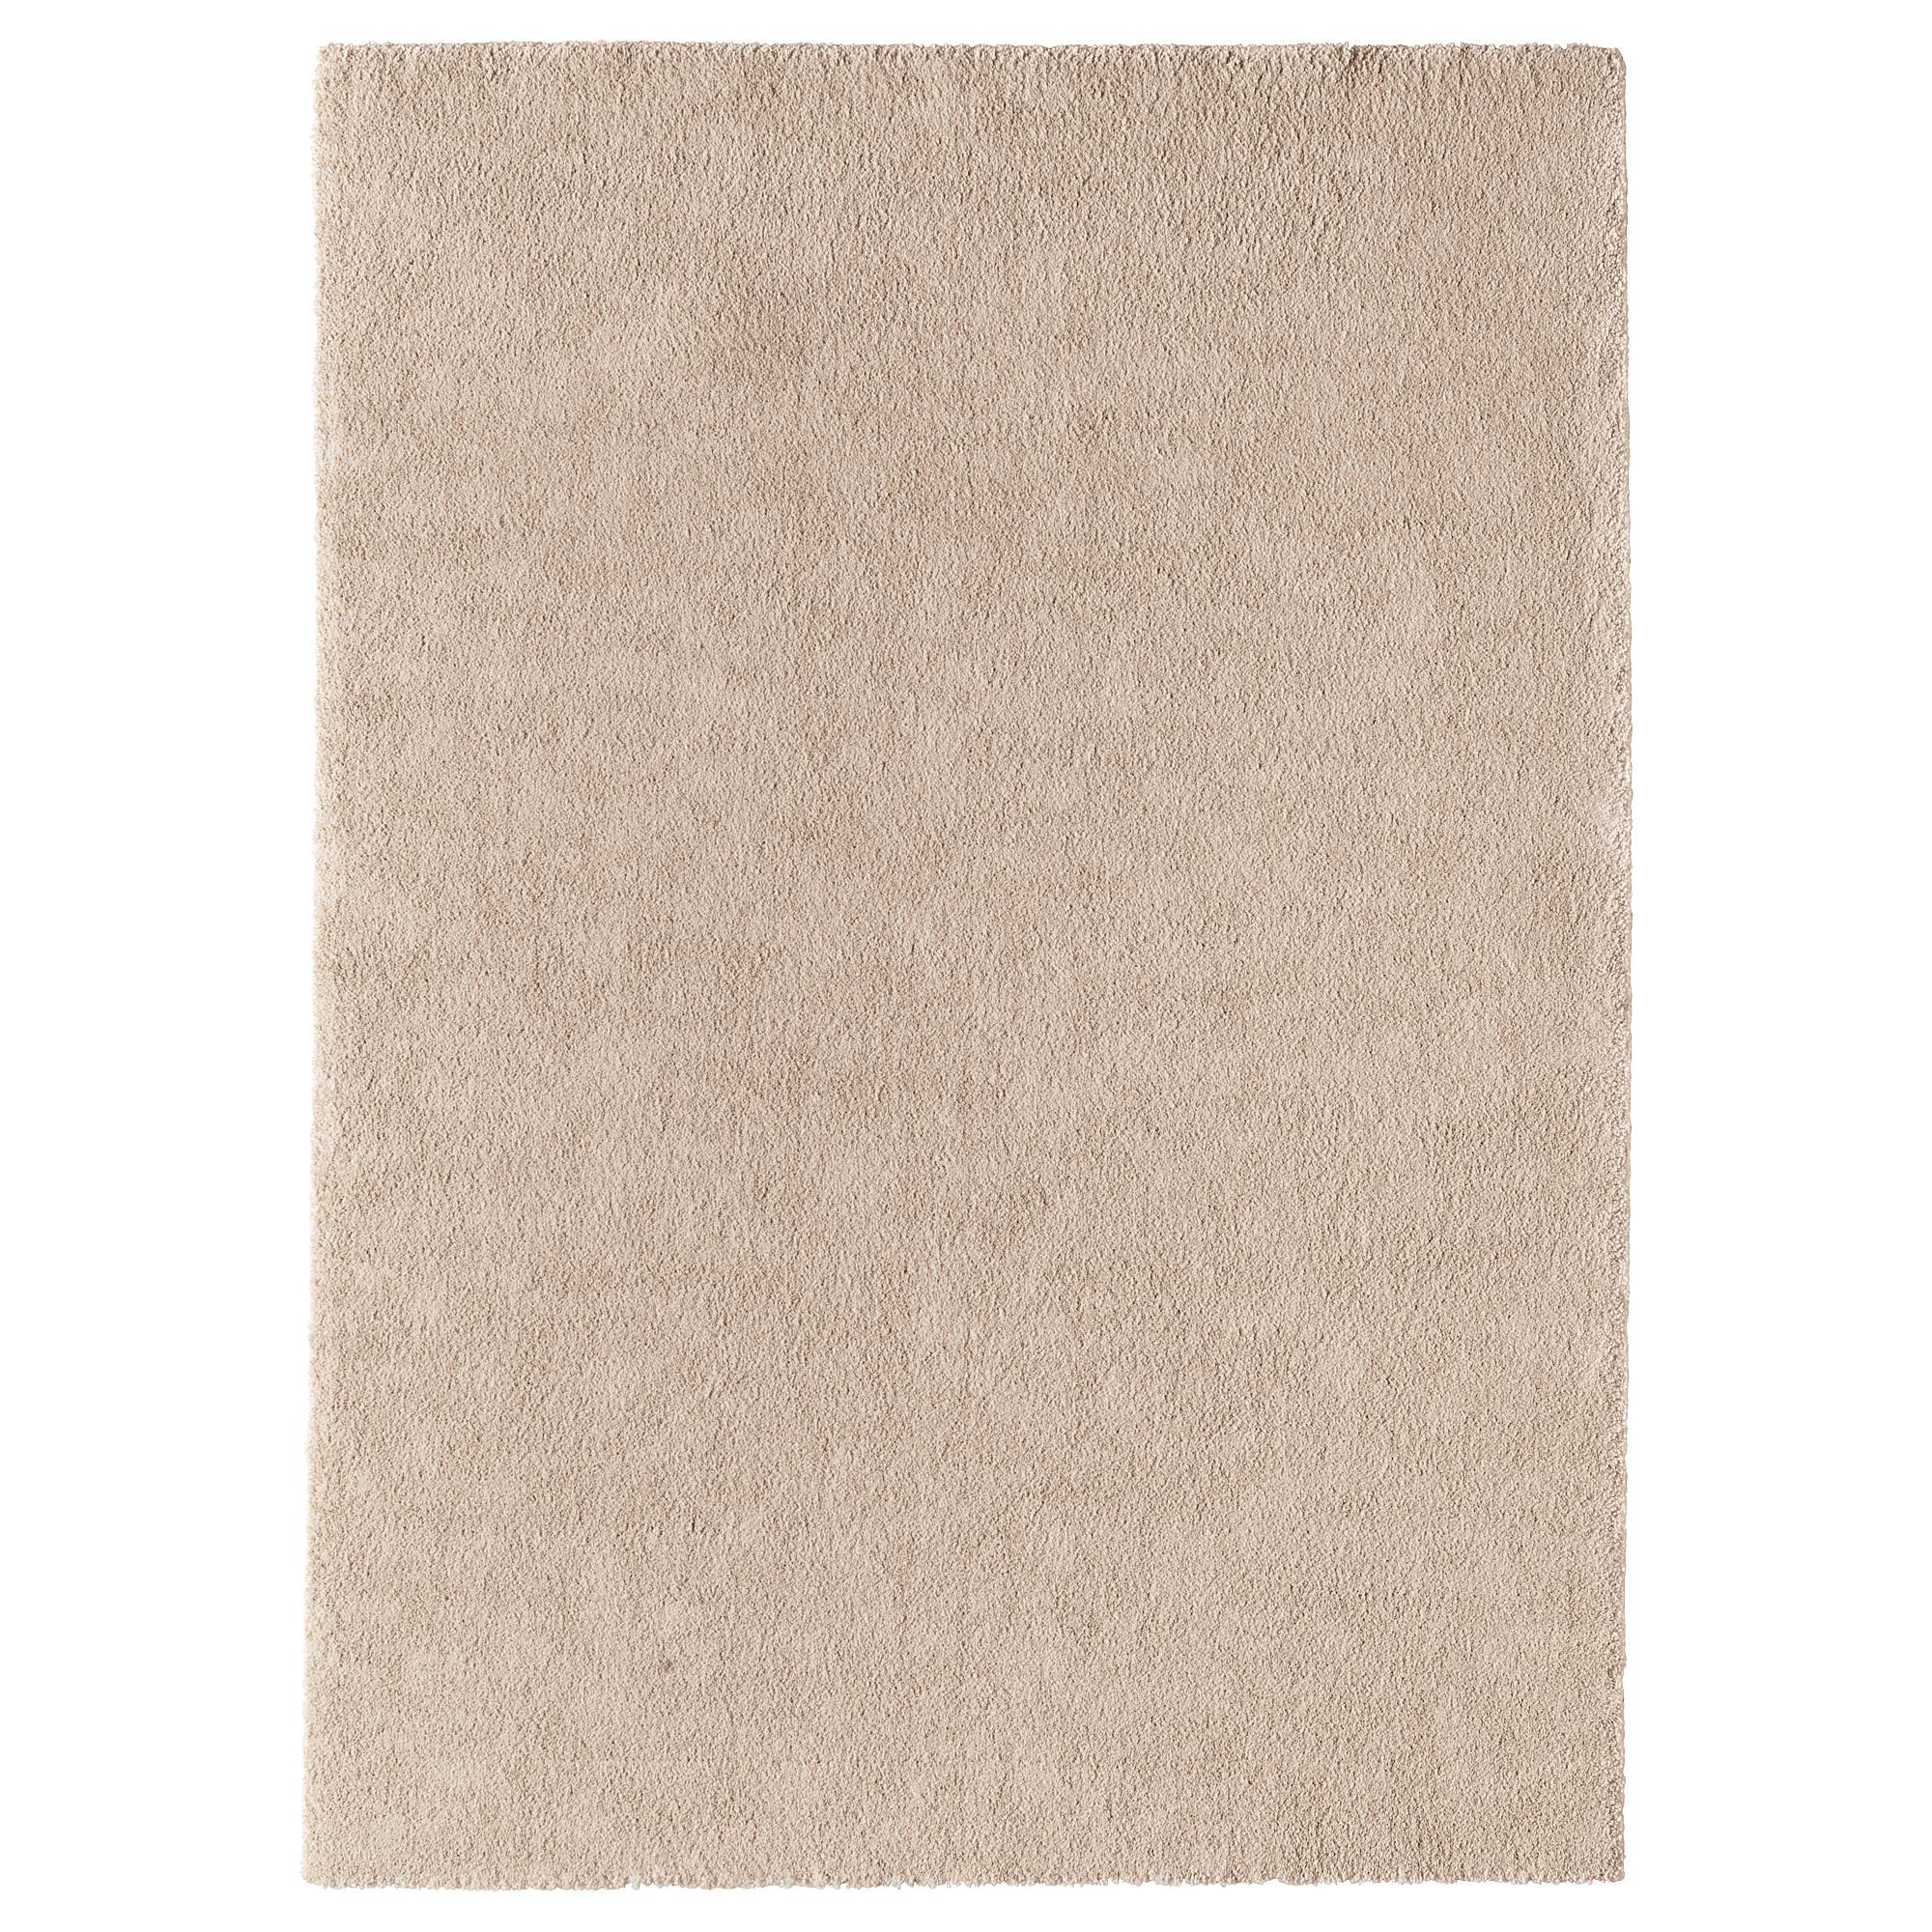 短毛地毯, , 淺乳白色, 另有其他顏色可選擇